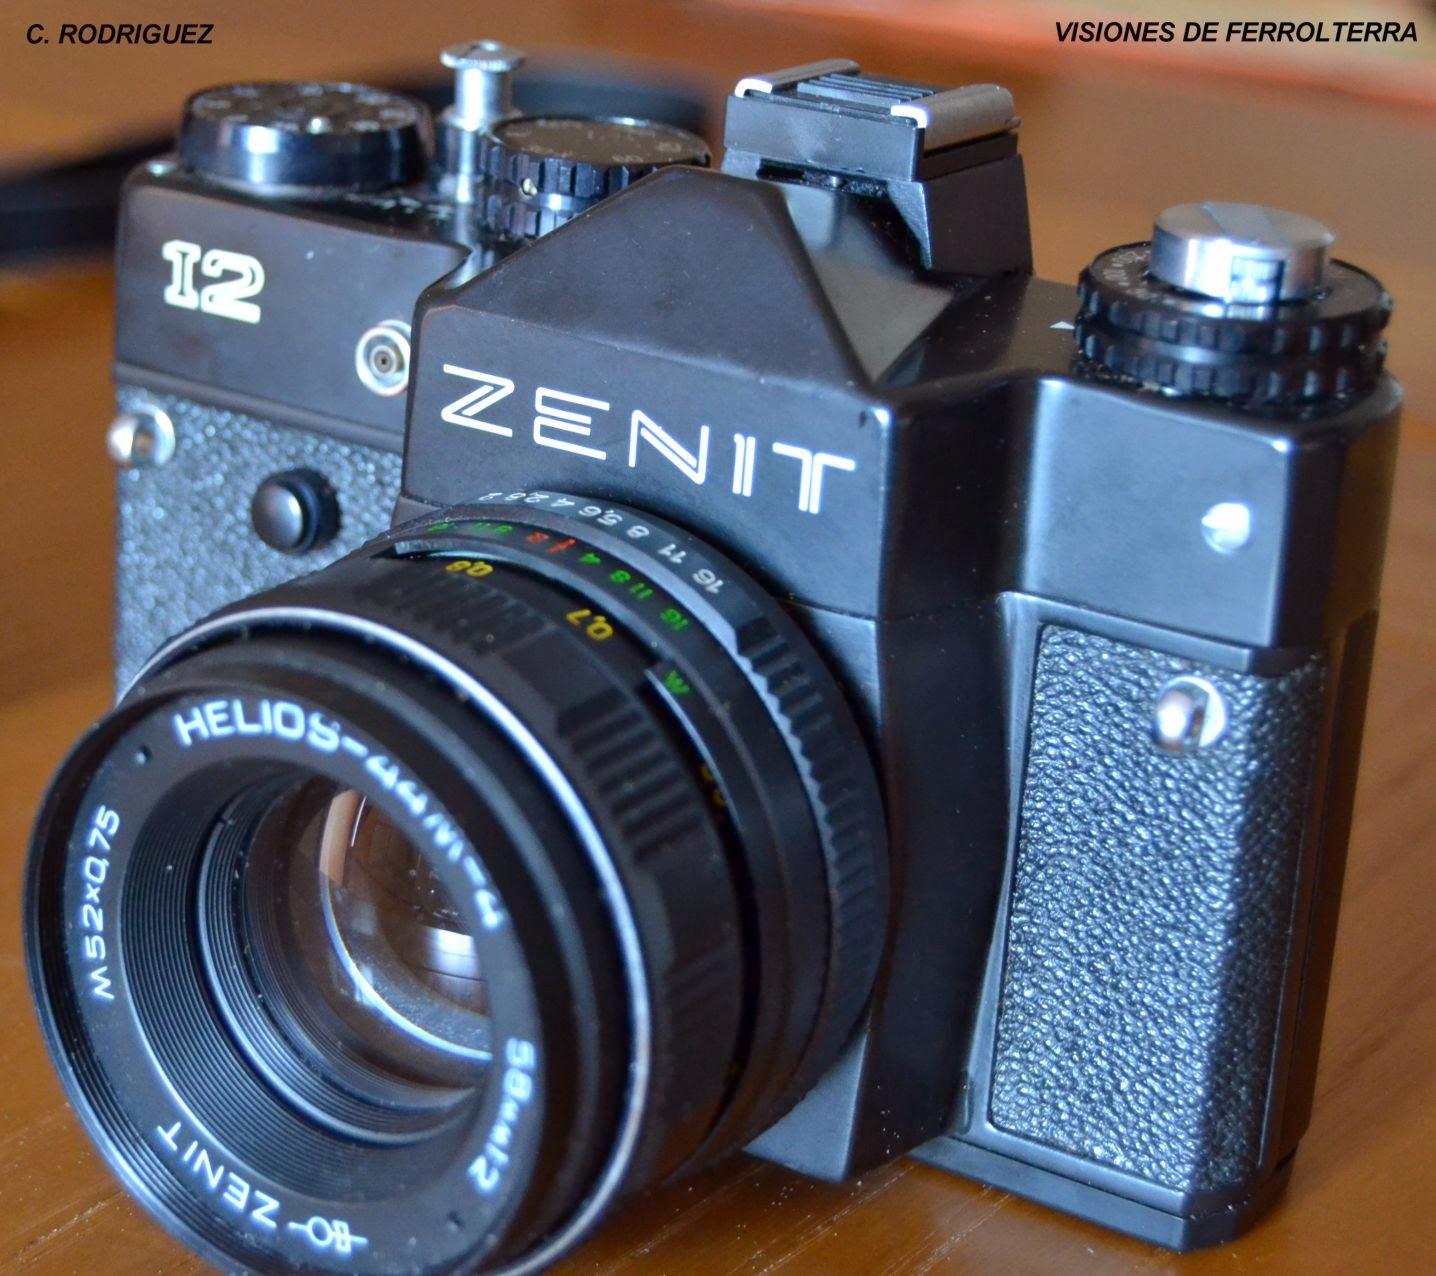 Reflex Zenit